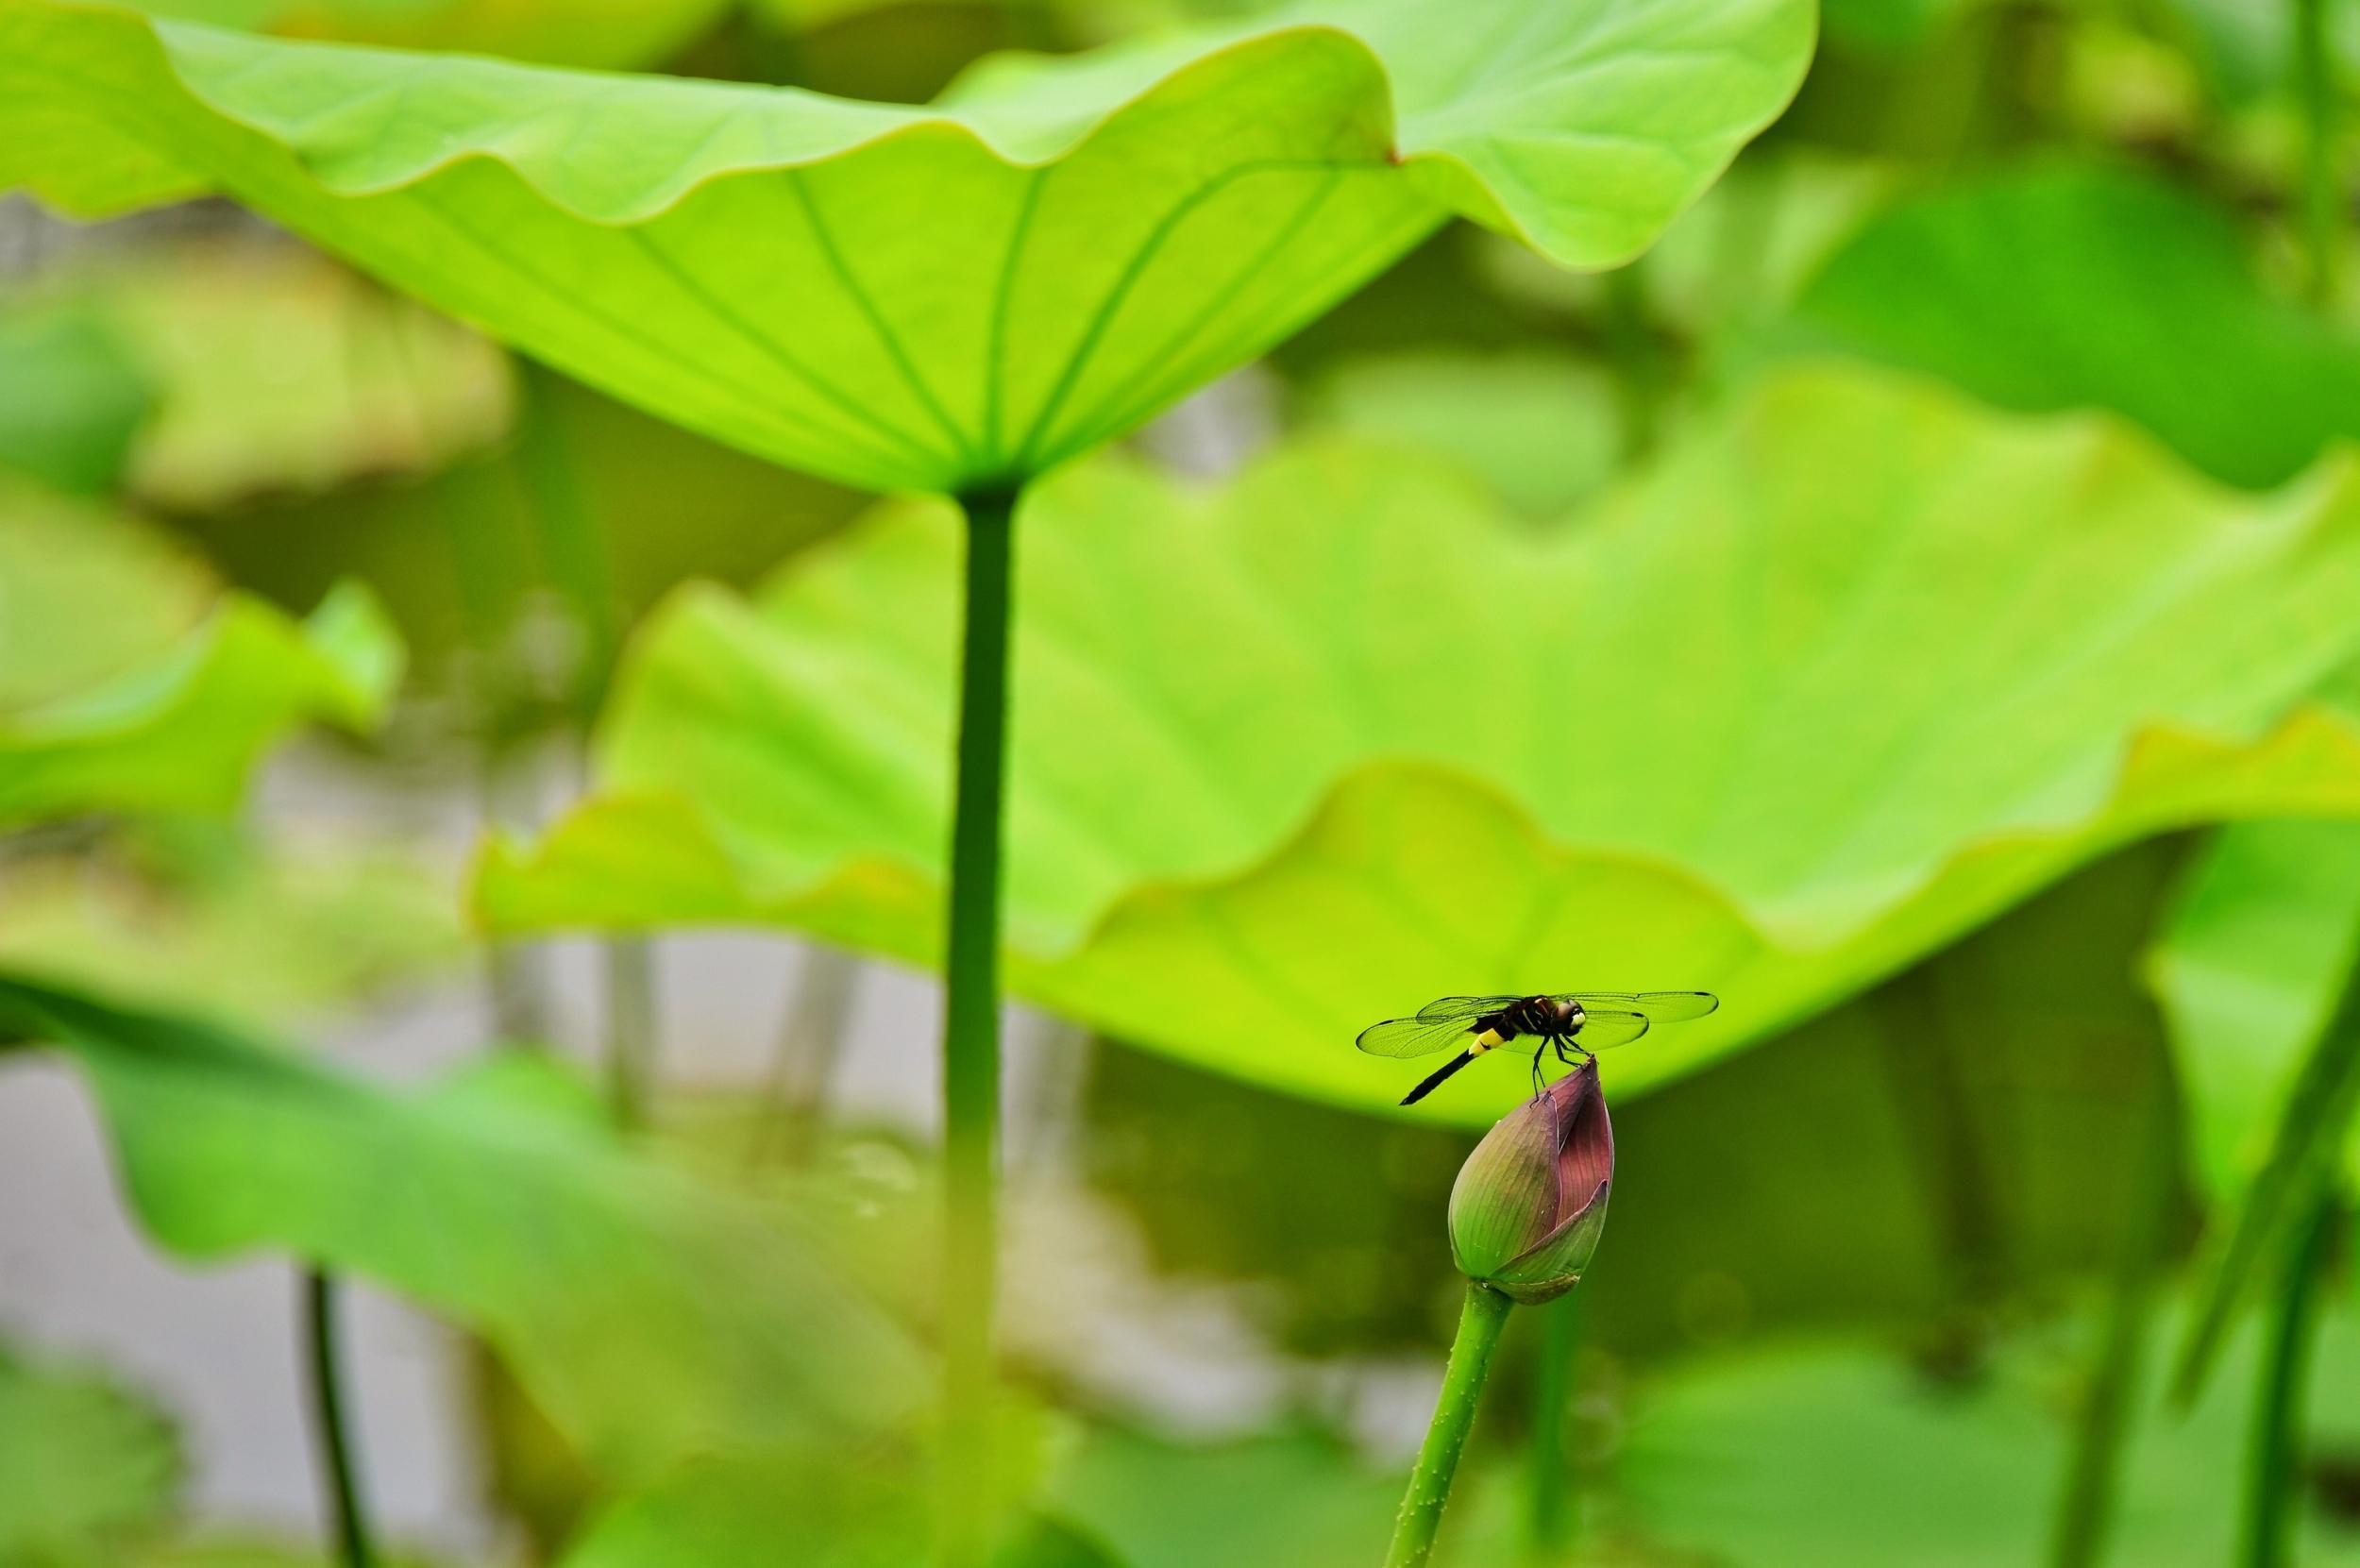 小荷才露尖尖角早有蜻蜓立上头